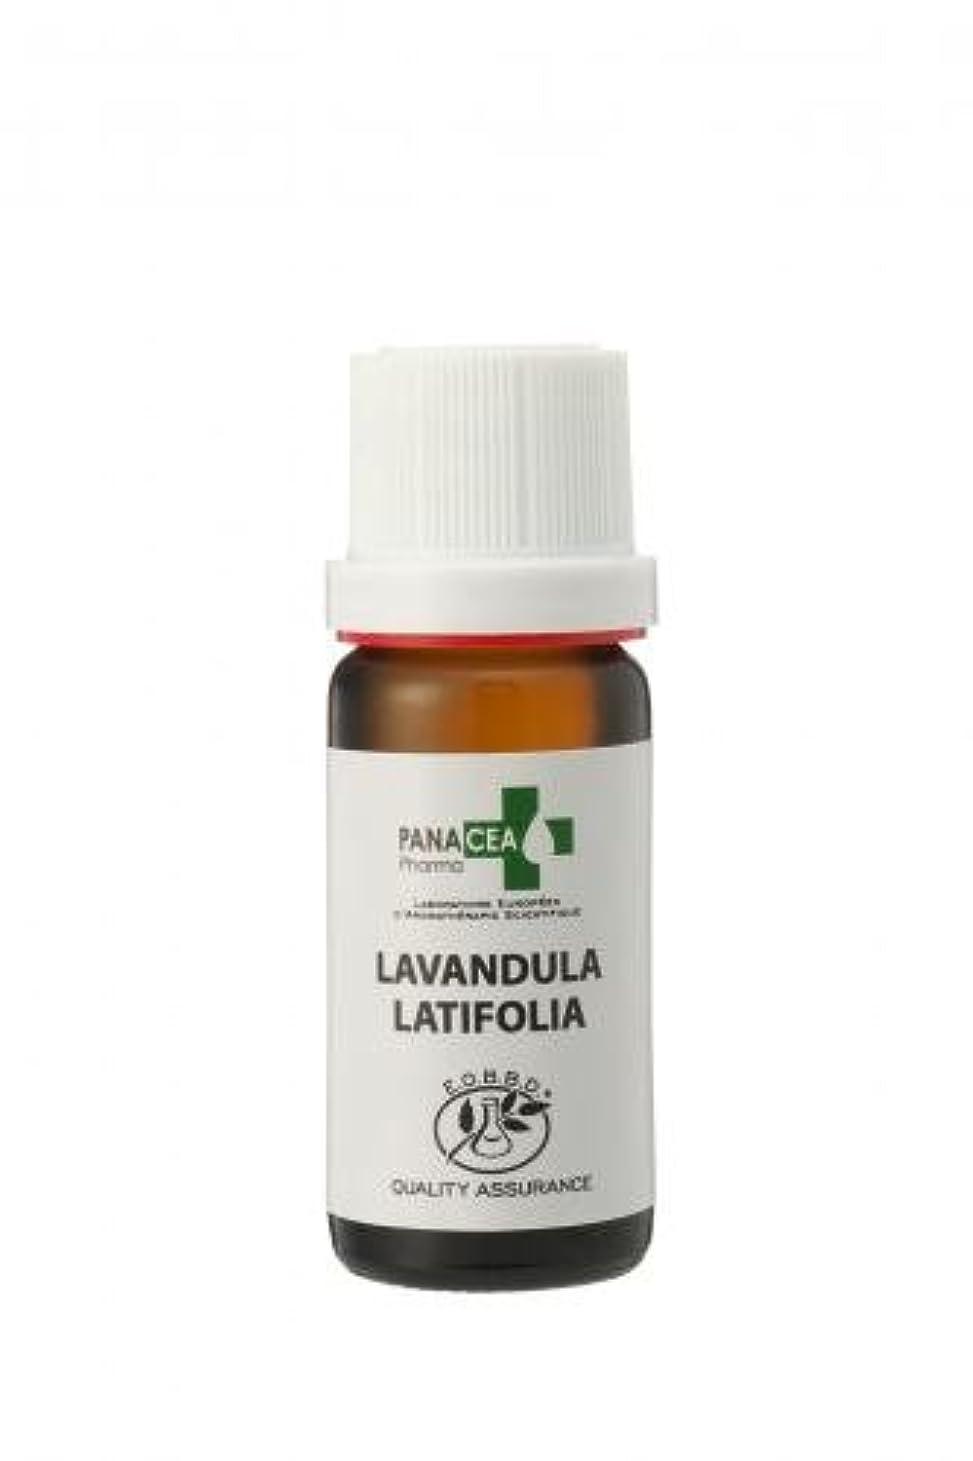 出版今晩エスカレートラベンダー スピカ (Lavandula latifolia) <spica>10ml エッセンシャルオイル PANACEA PHARMA パナセア ファルマ